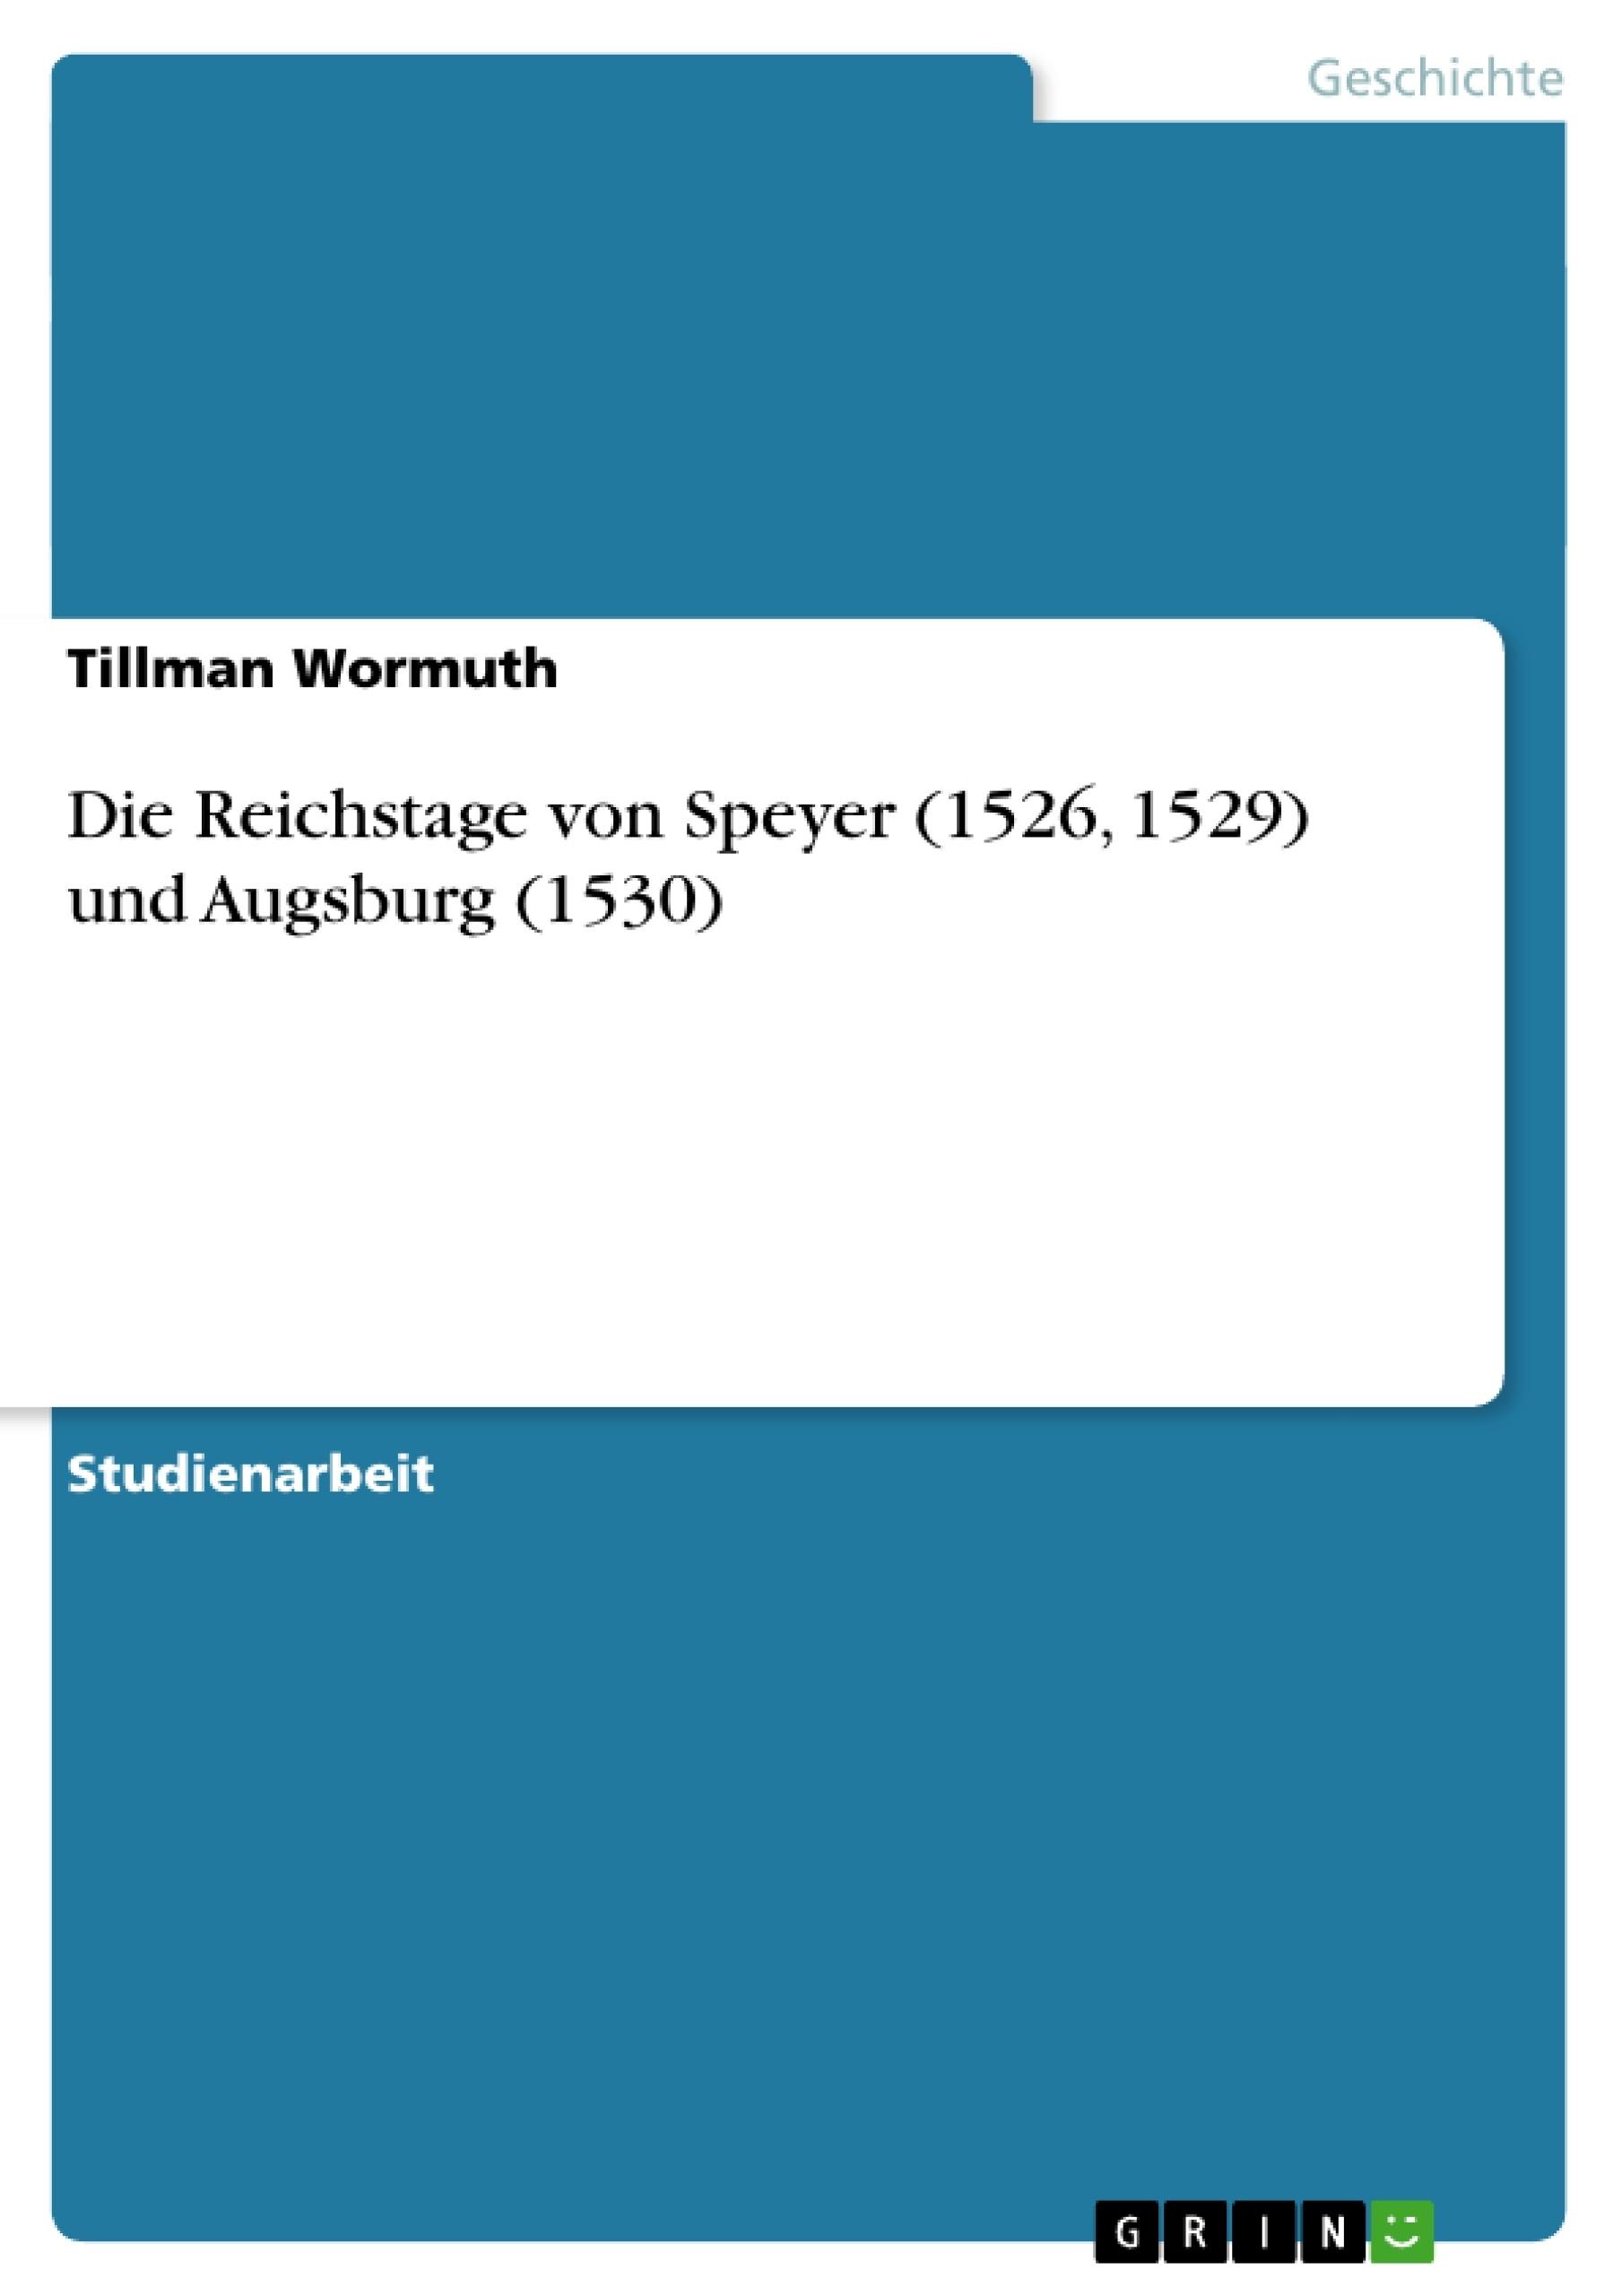 Titel: Die Reichstage von Speyer (1526, 1529) und Augsburg (1530)